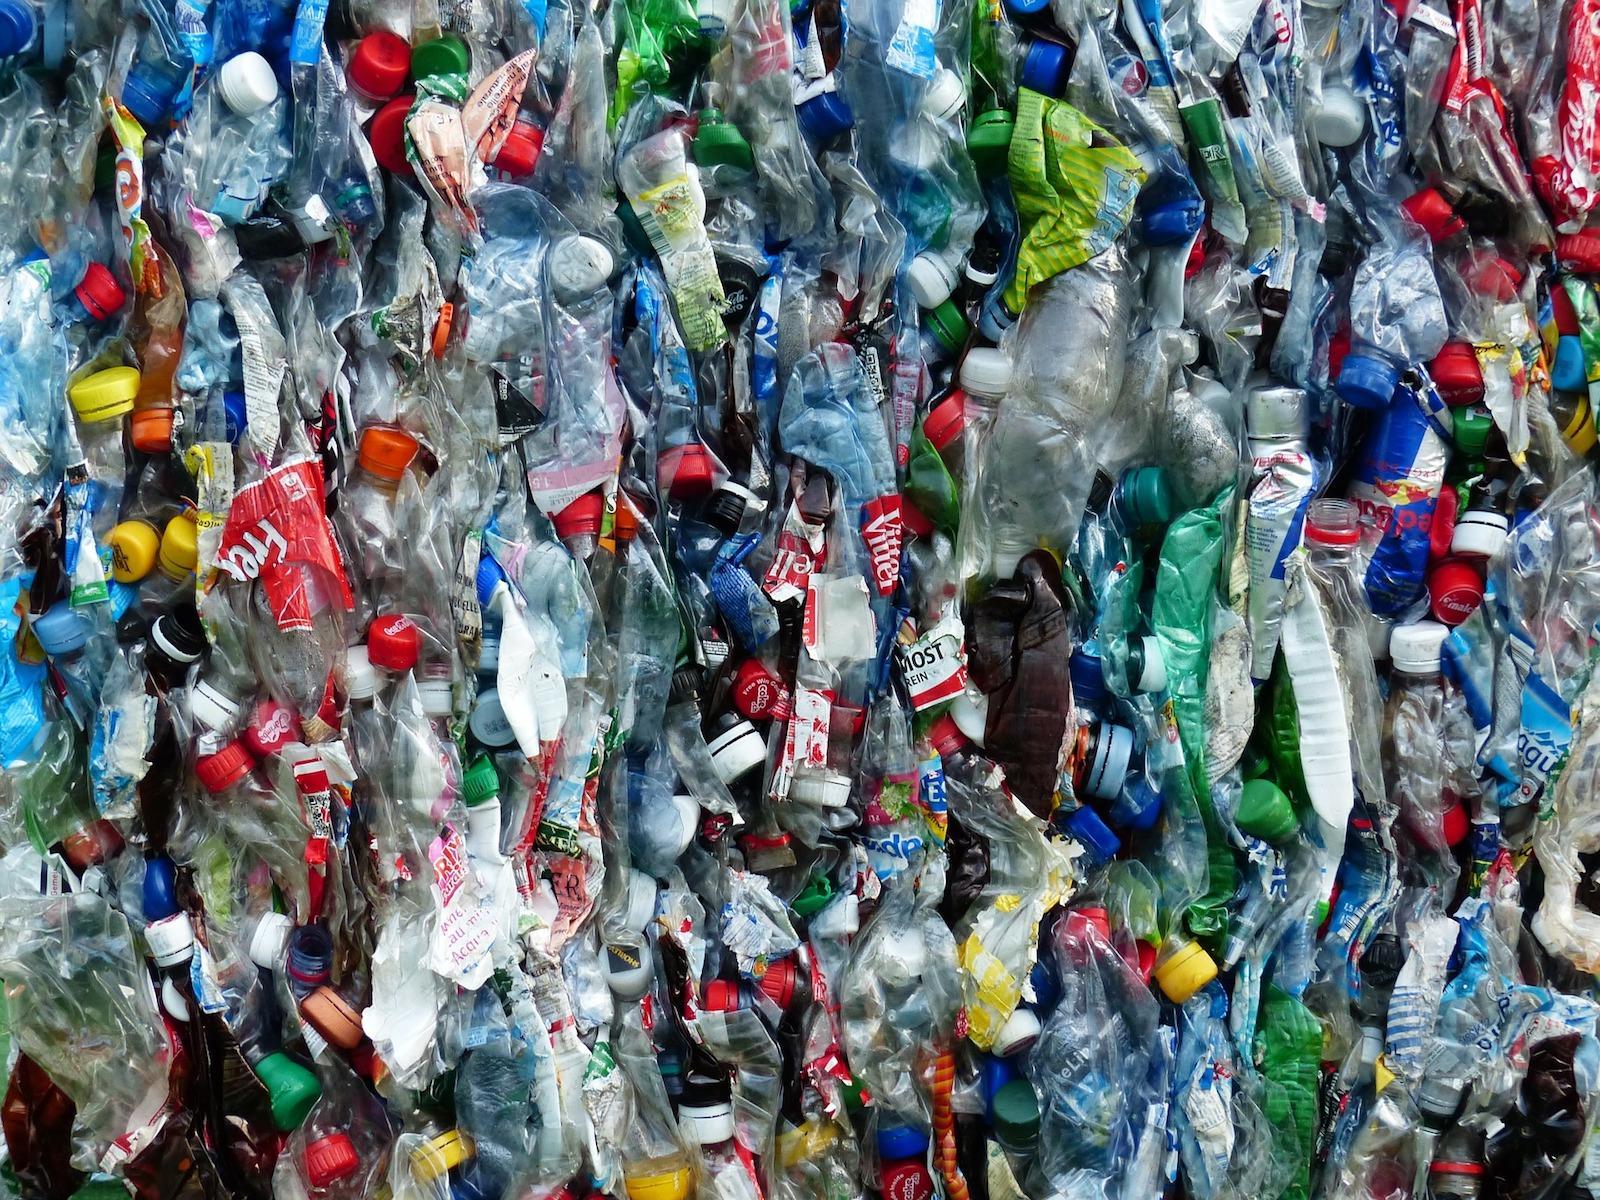 plastic-bottles-115077_1920-1495637696927.jpg